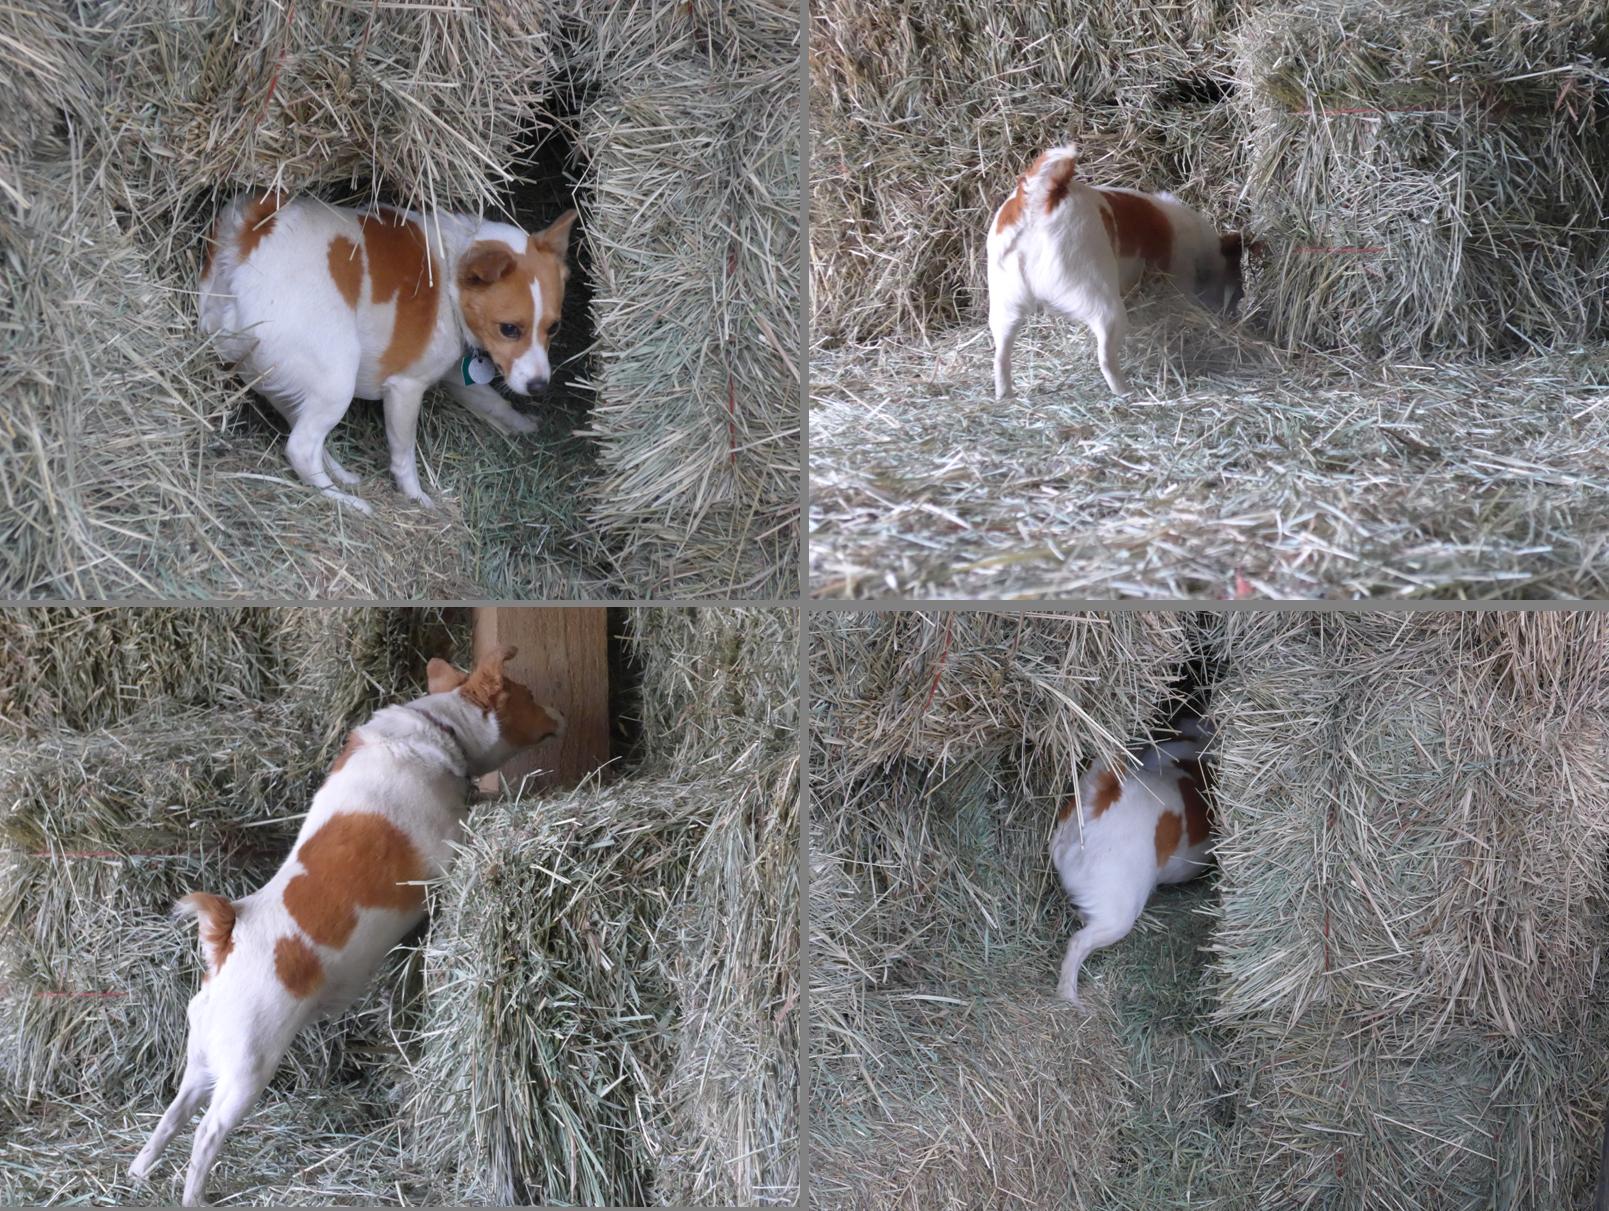 2015_Kola Hunting in the Hay